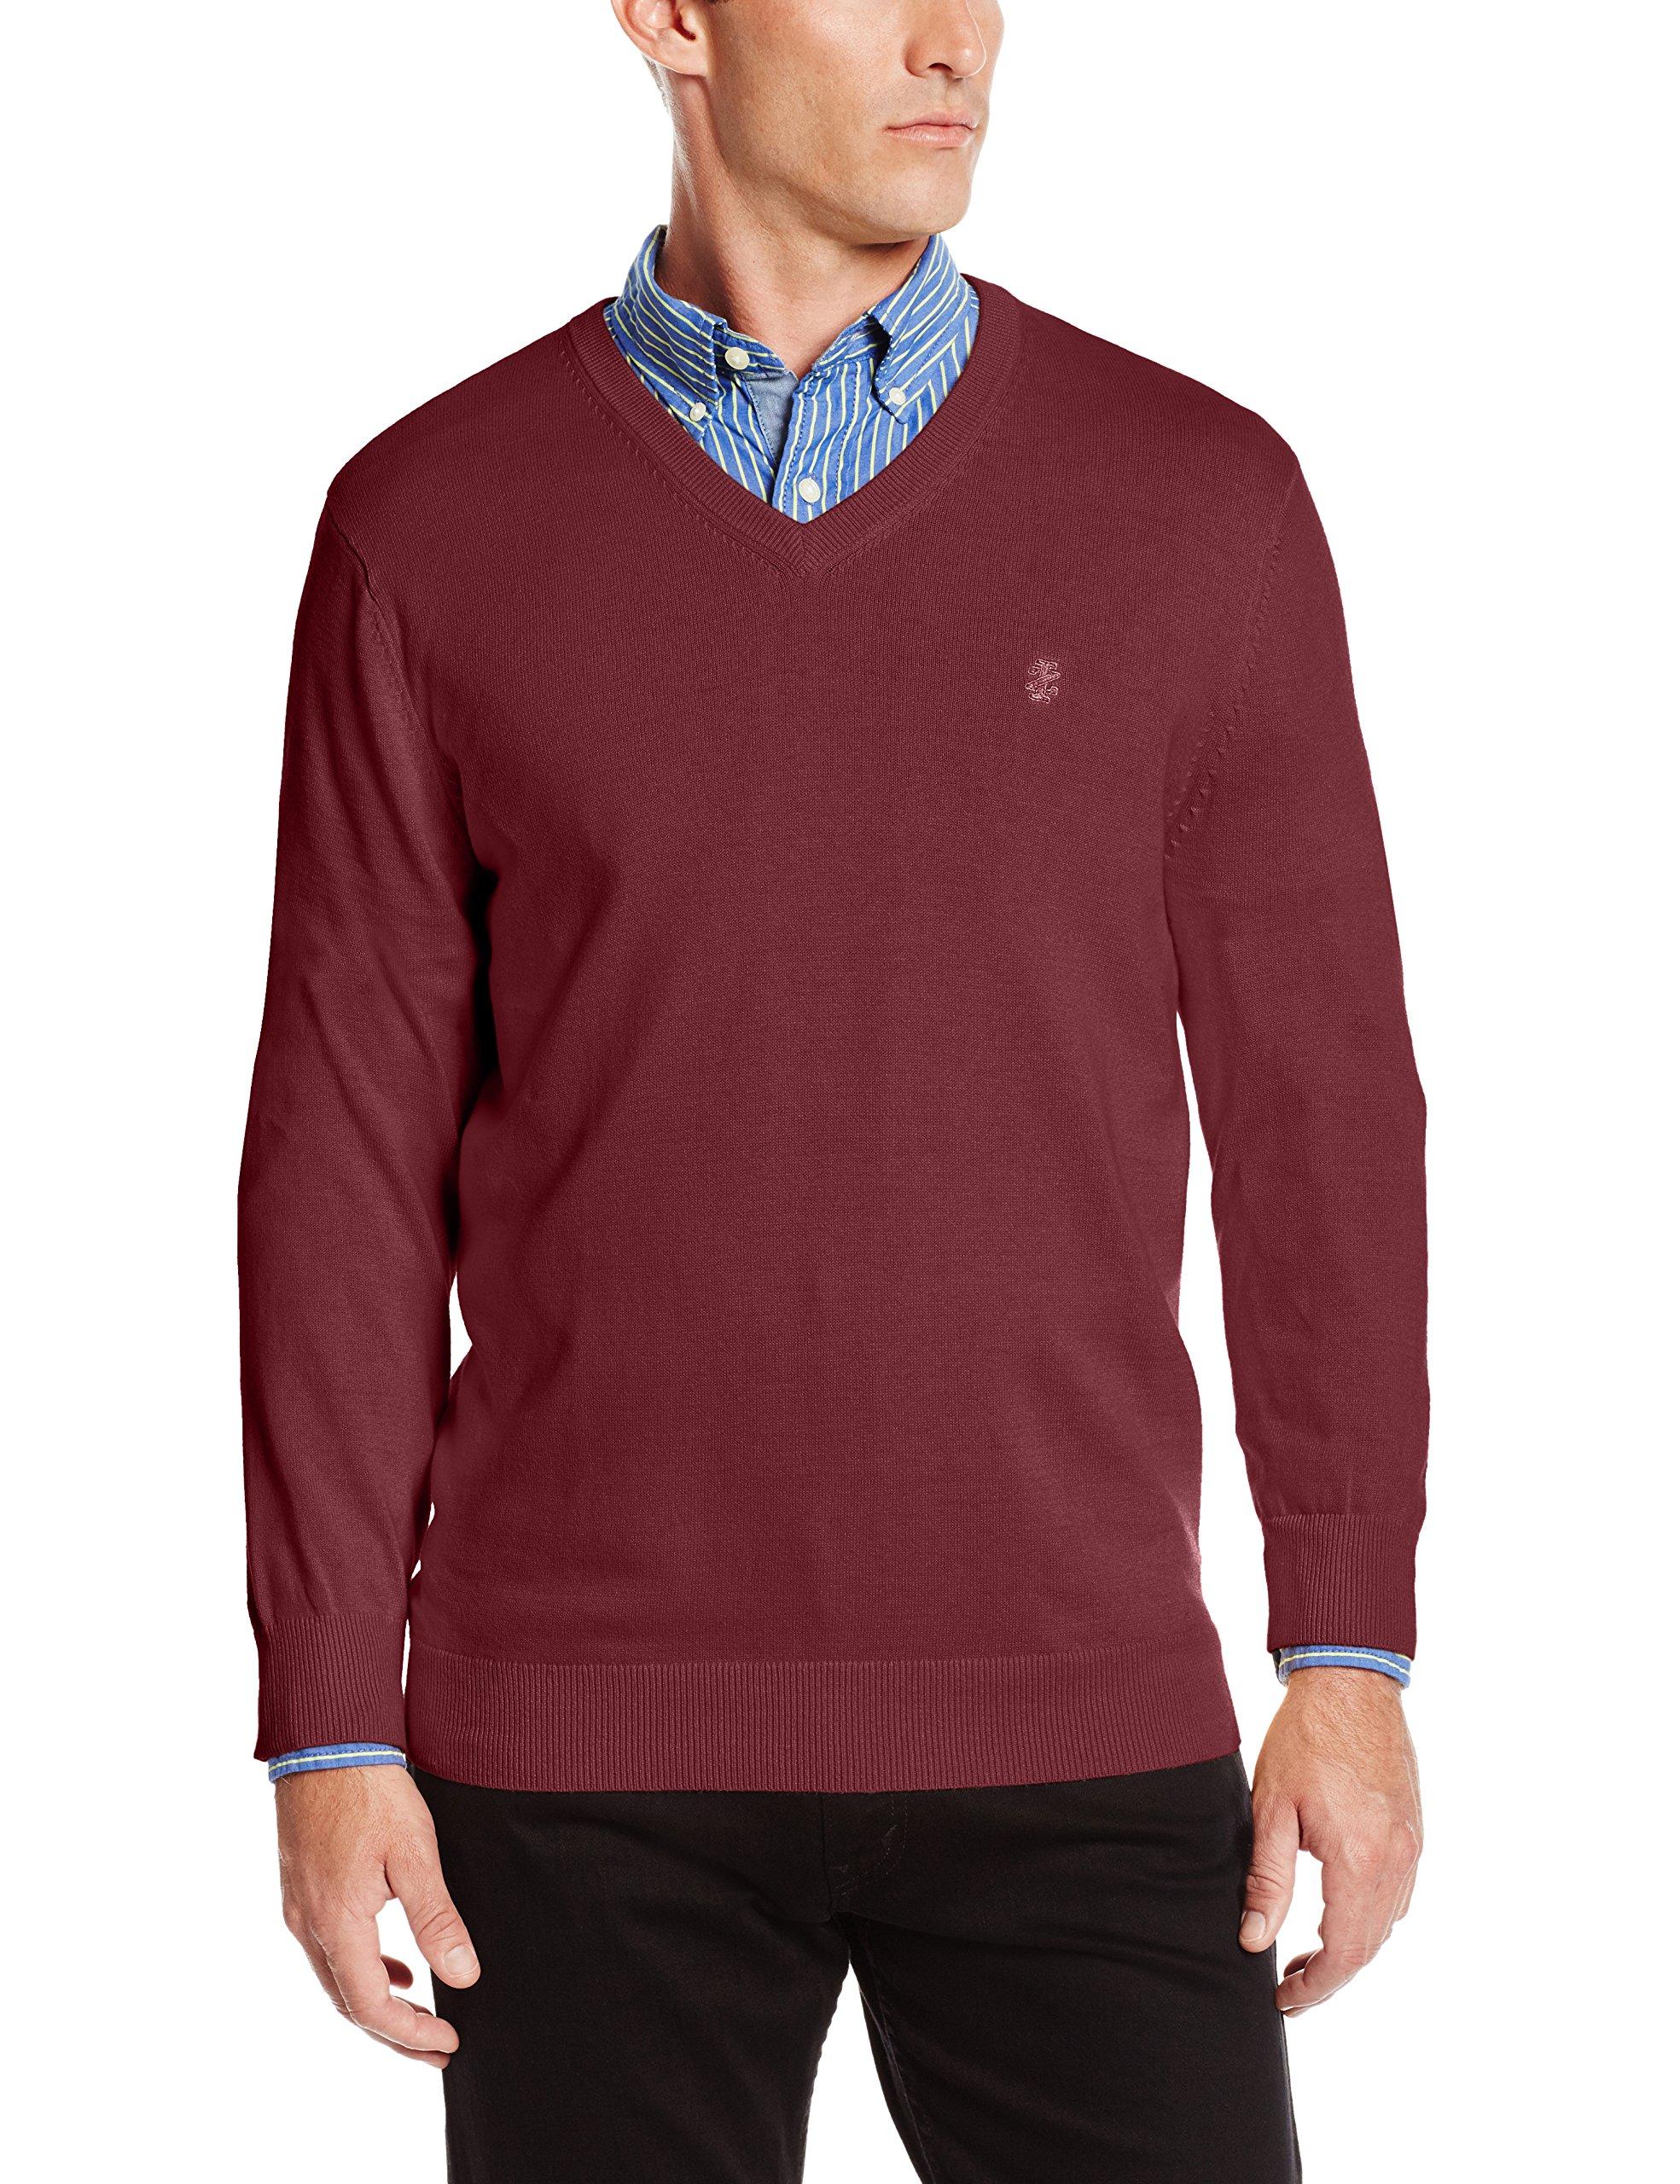 IZOD Men's Fine Gauge Solid V-Neck Sweater, Biking Red, X-Large